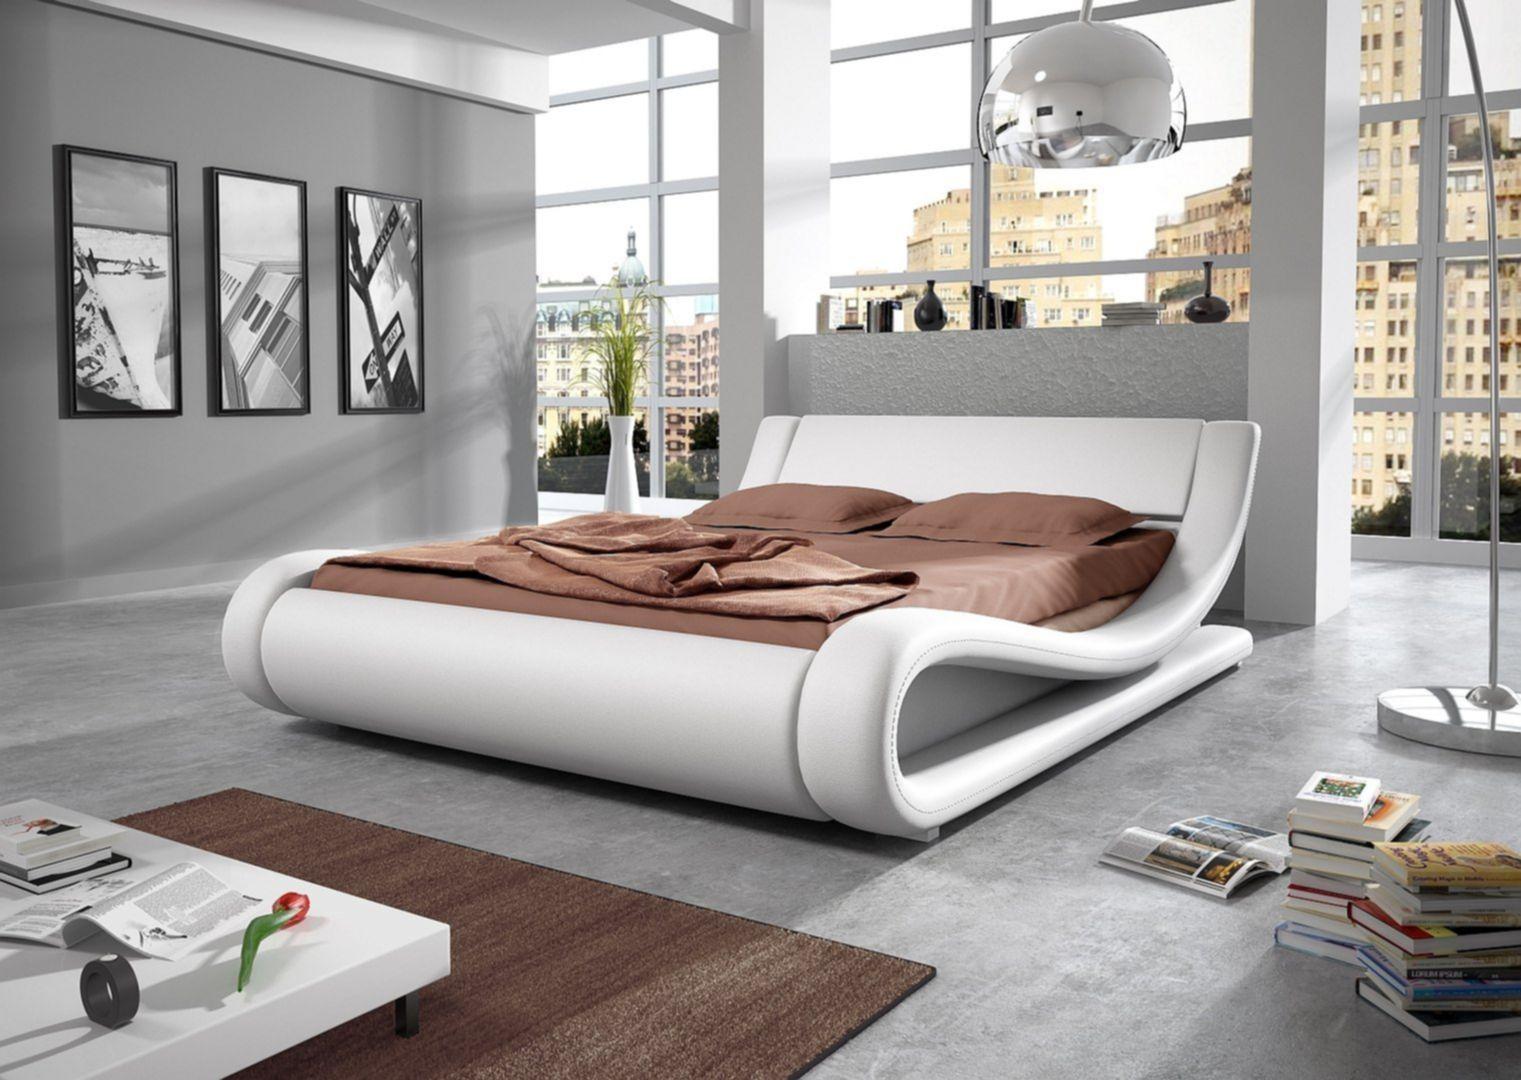 современные кровати дизайн фото обаяние неоднократно